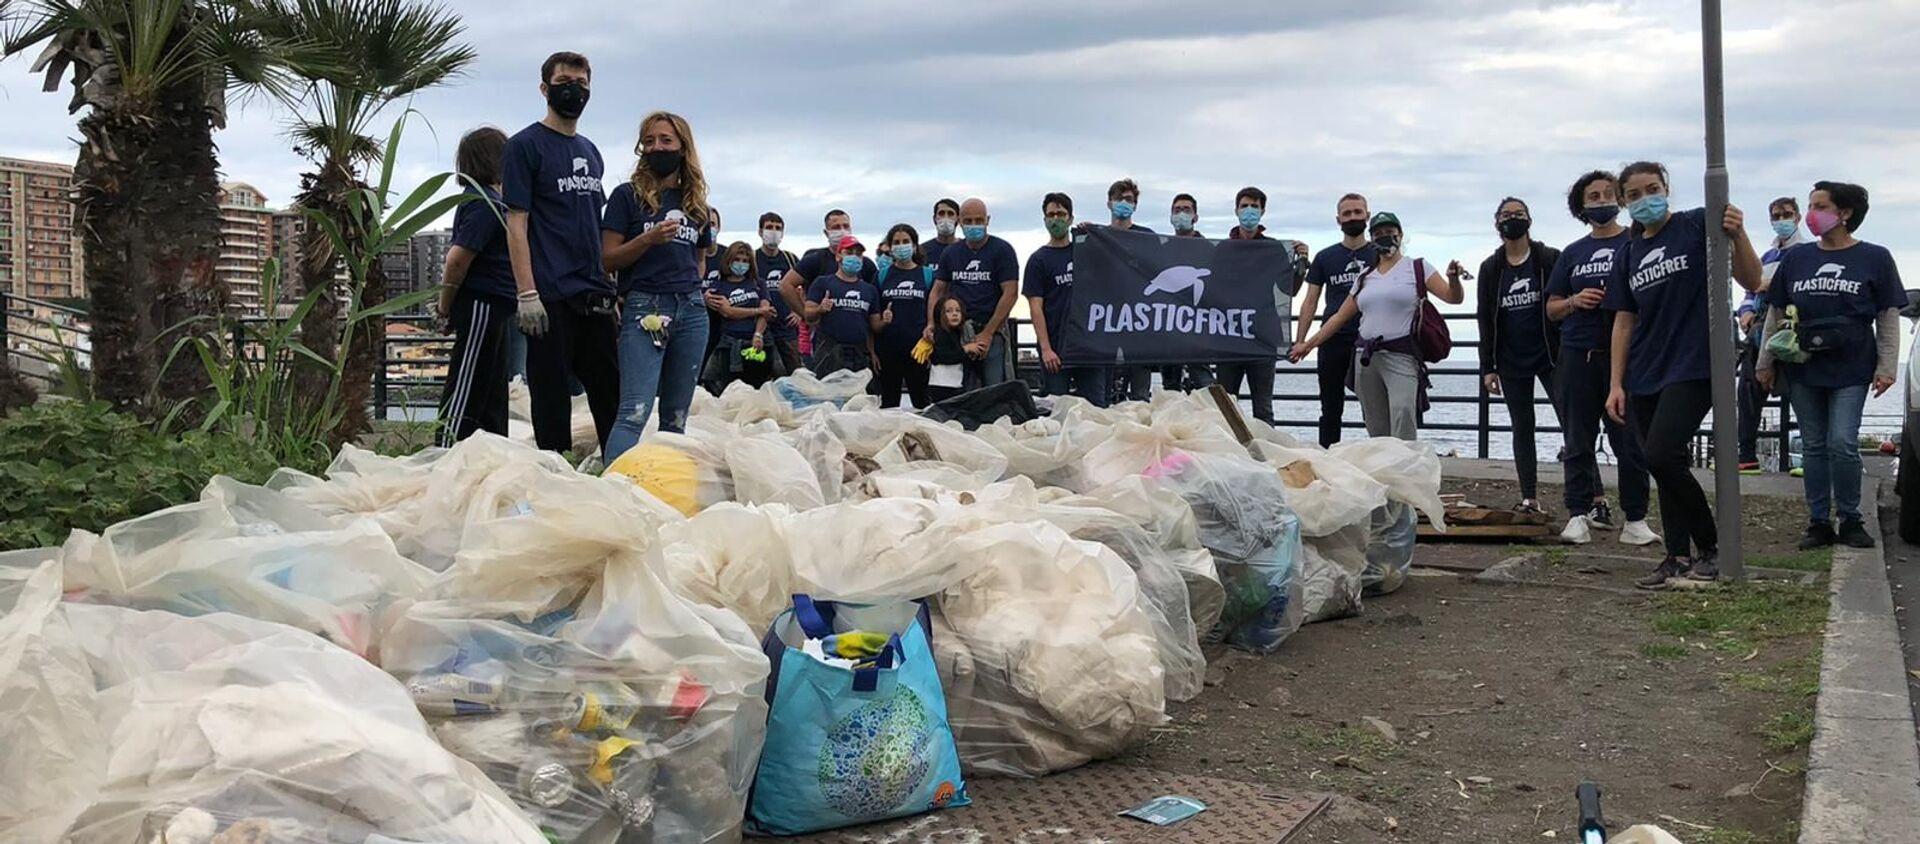 Giornata nazionale raccolta plastica, volontari  Plastic Free a Catania - Sputnik Italia, 1920, 18.10.2020